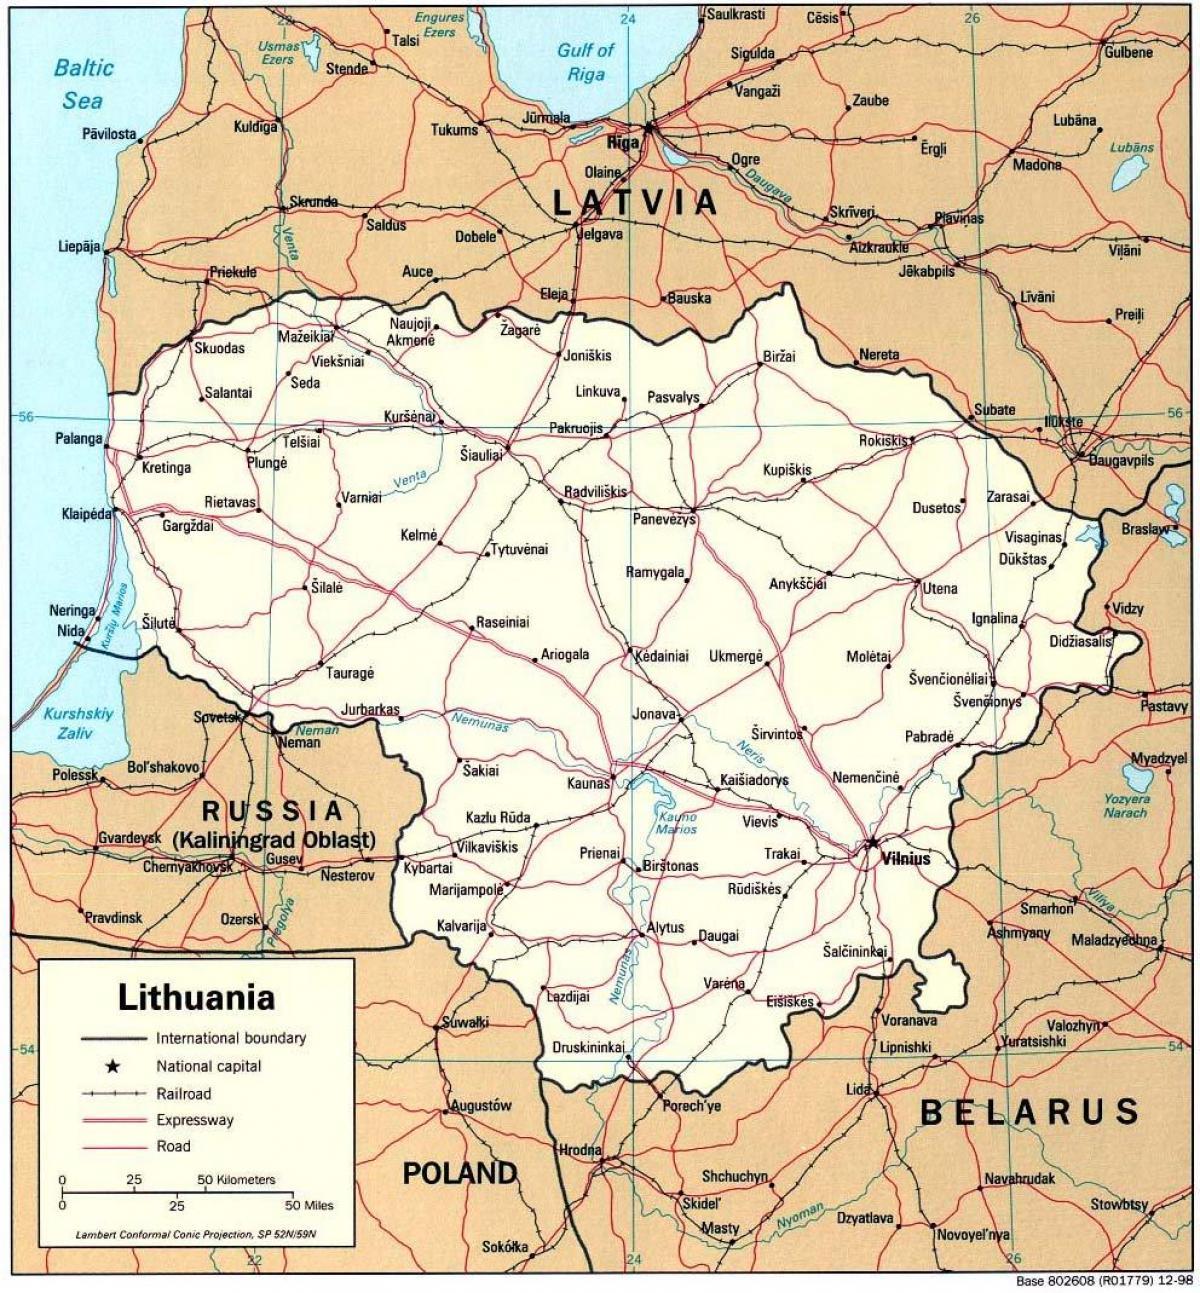 litauen kart Litauen kart   Kart som viser Litauen (Northern Europe   Europe) litauen kart